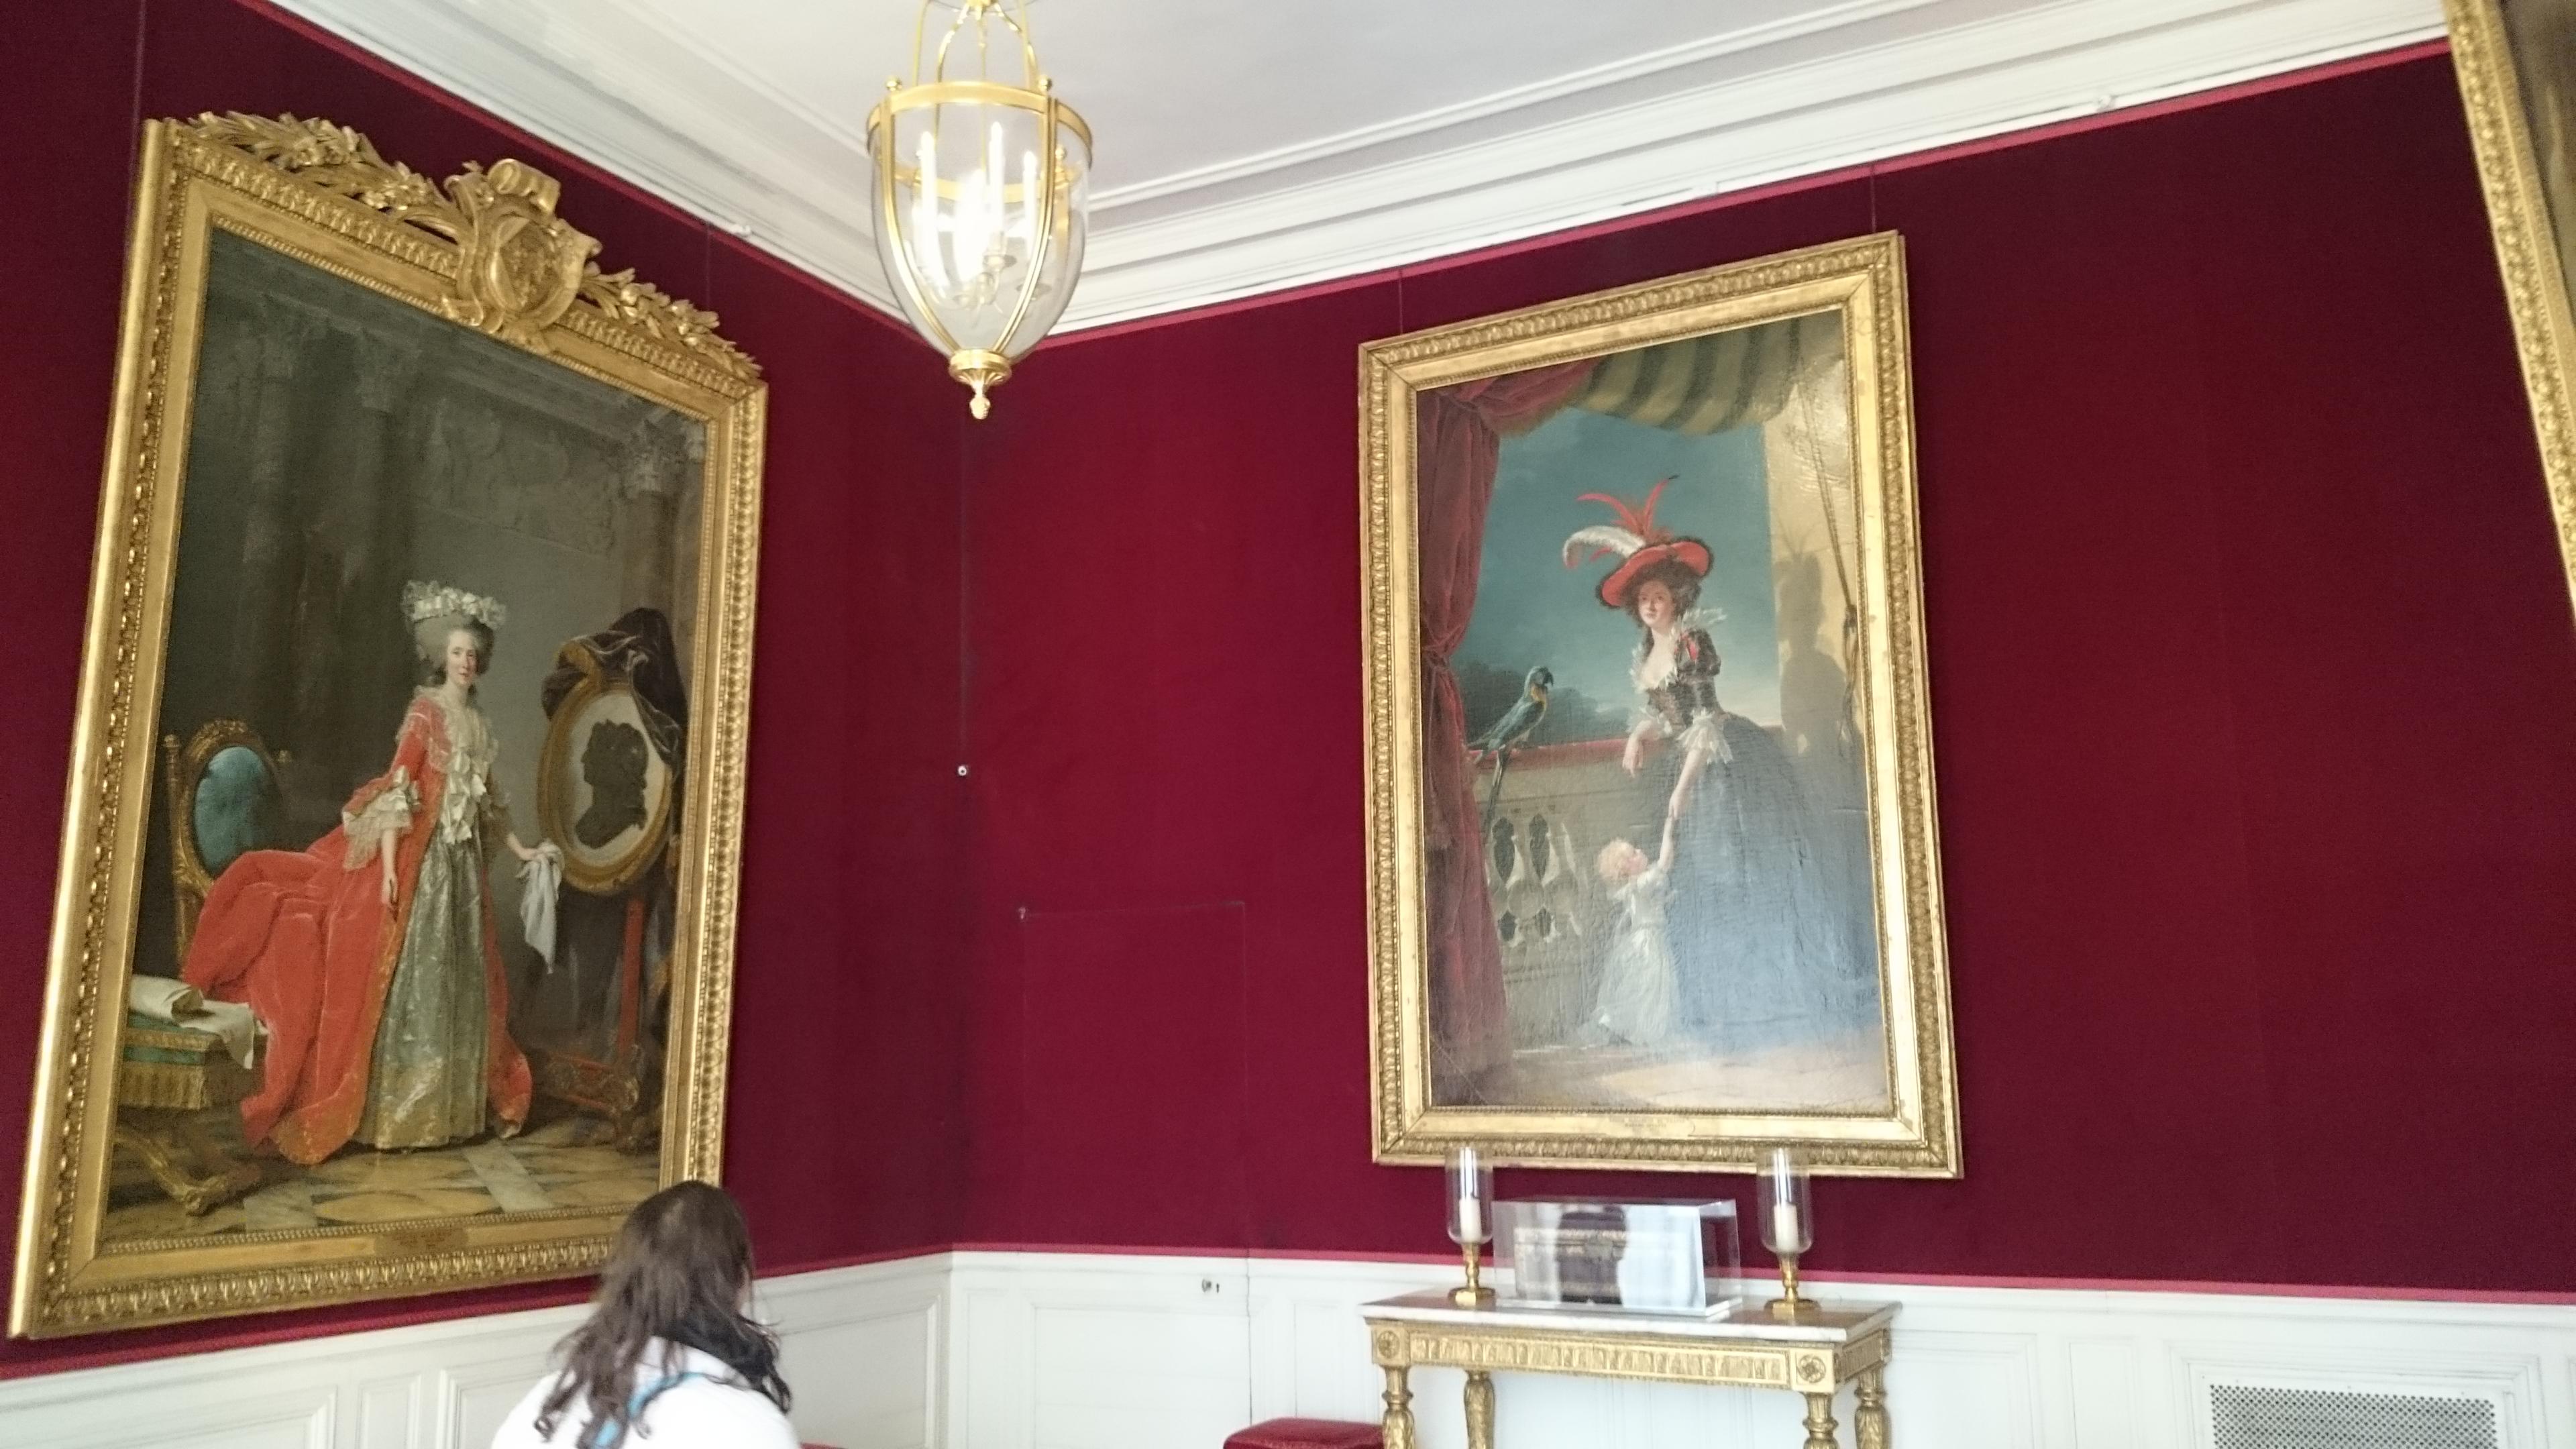 dsc 14121 - Visita al Palacio de Versalles: Como ir, cuanto cuesta y tips III/III